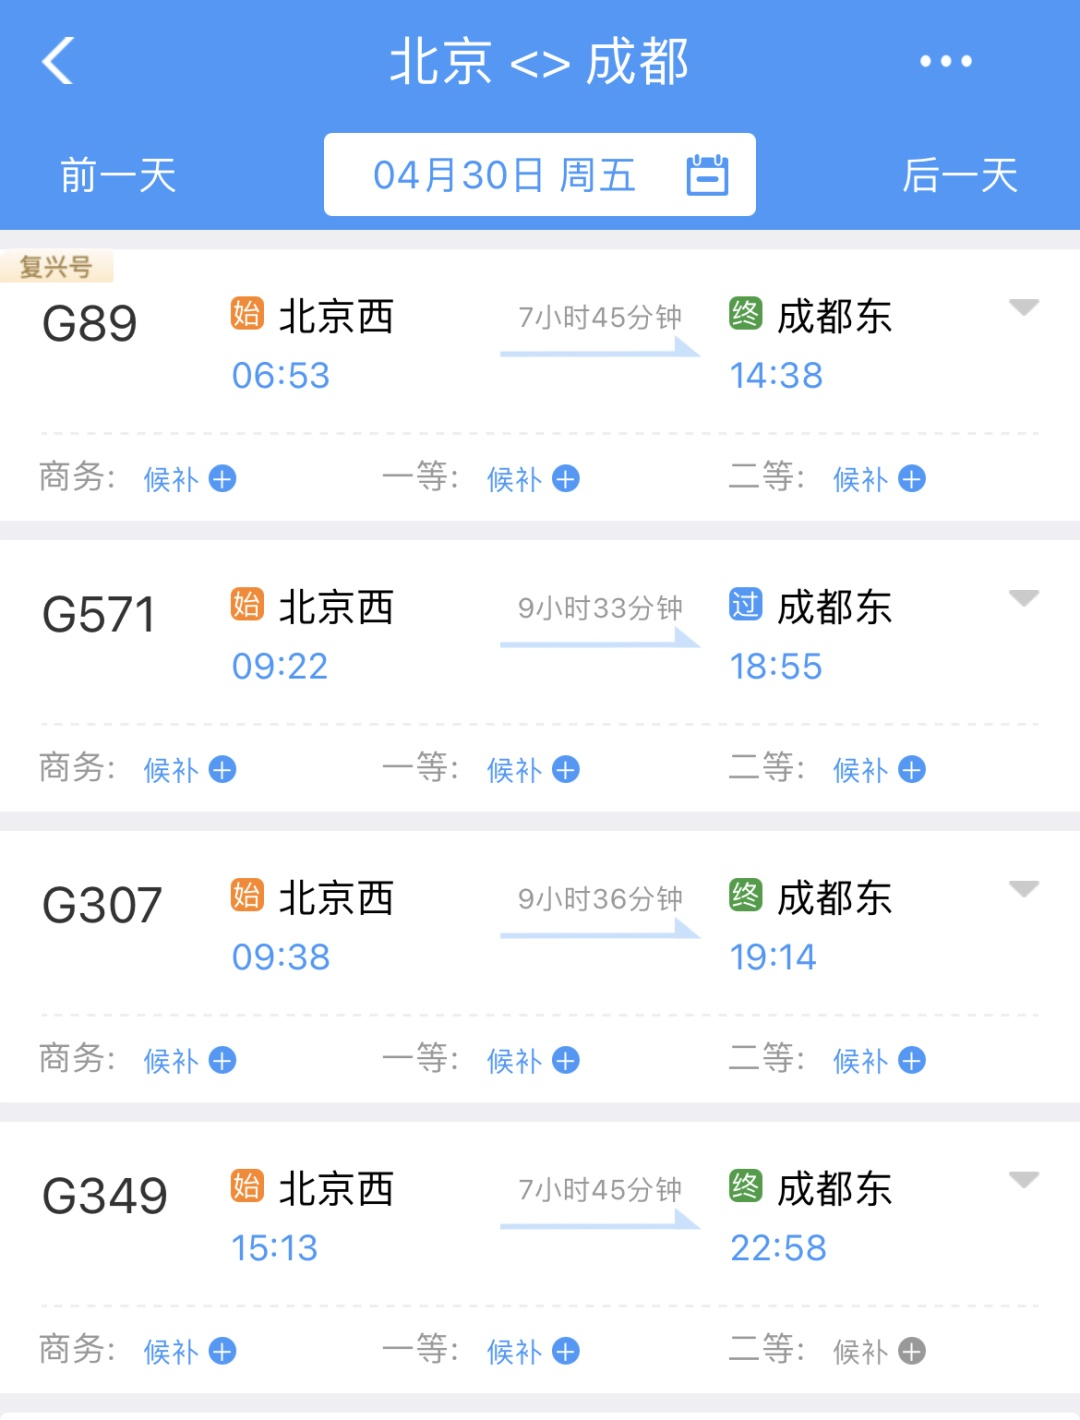 """五一火车票今日开抢!12306却""""提前""""崩溃,网友:我想回家啊!出行人次或达2亿,你要去哪儿?"""